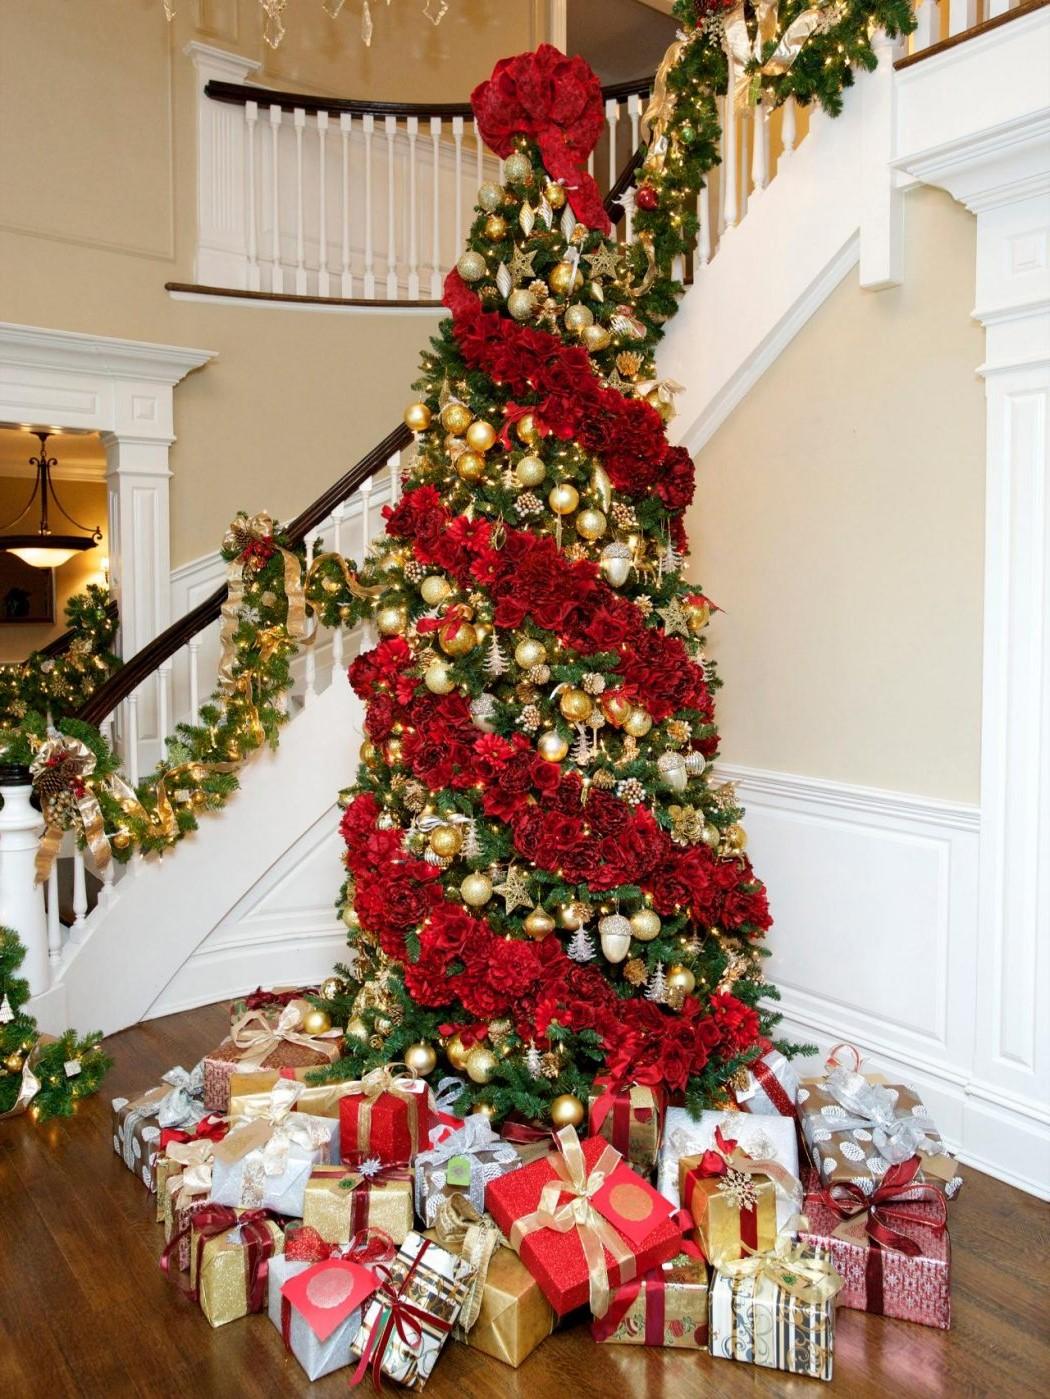 Sapin de Noël décoré d'une guirlande rouge faite de fleurs.